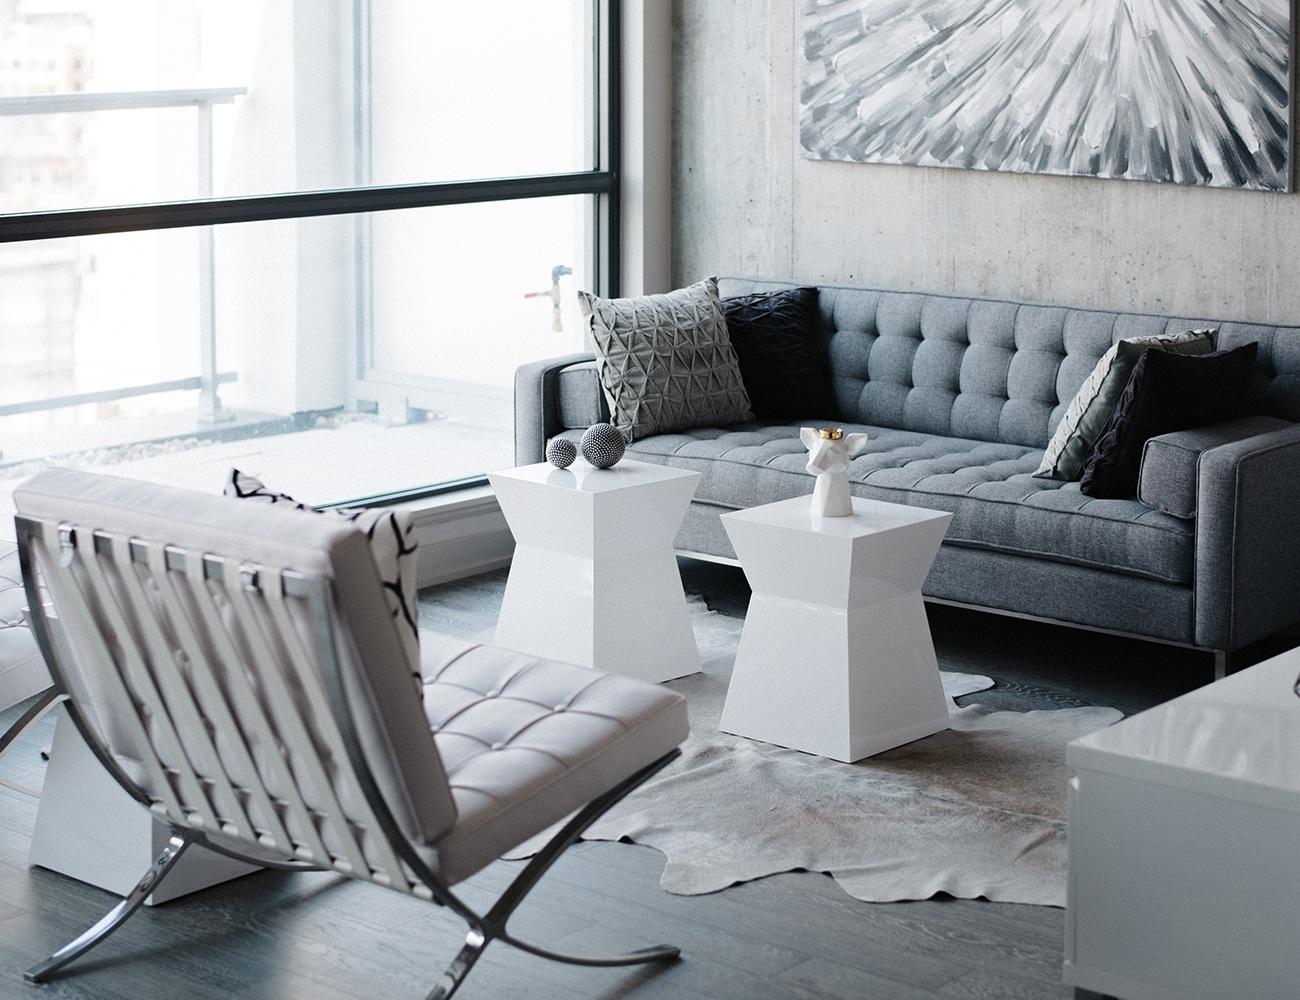 sango lifestyle and home decor essential 187 gadget flow